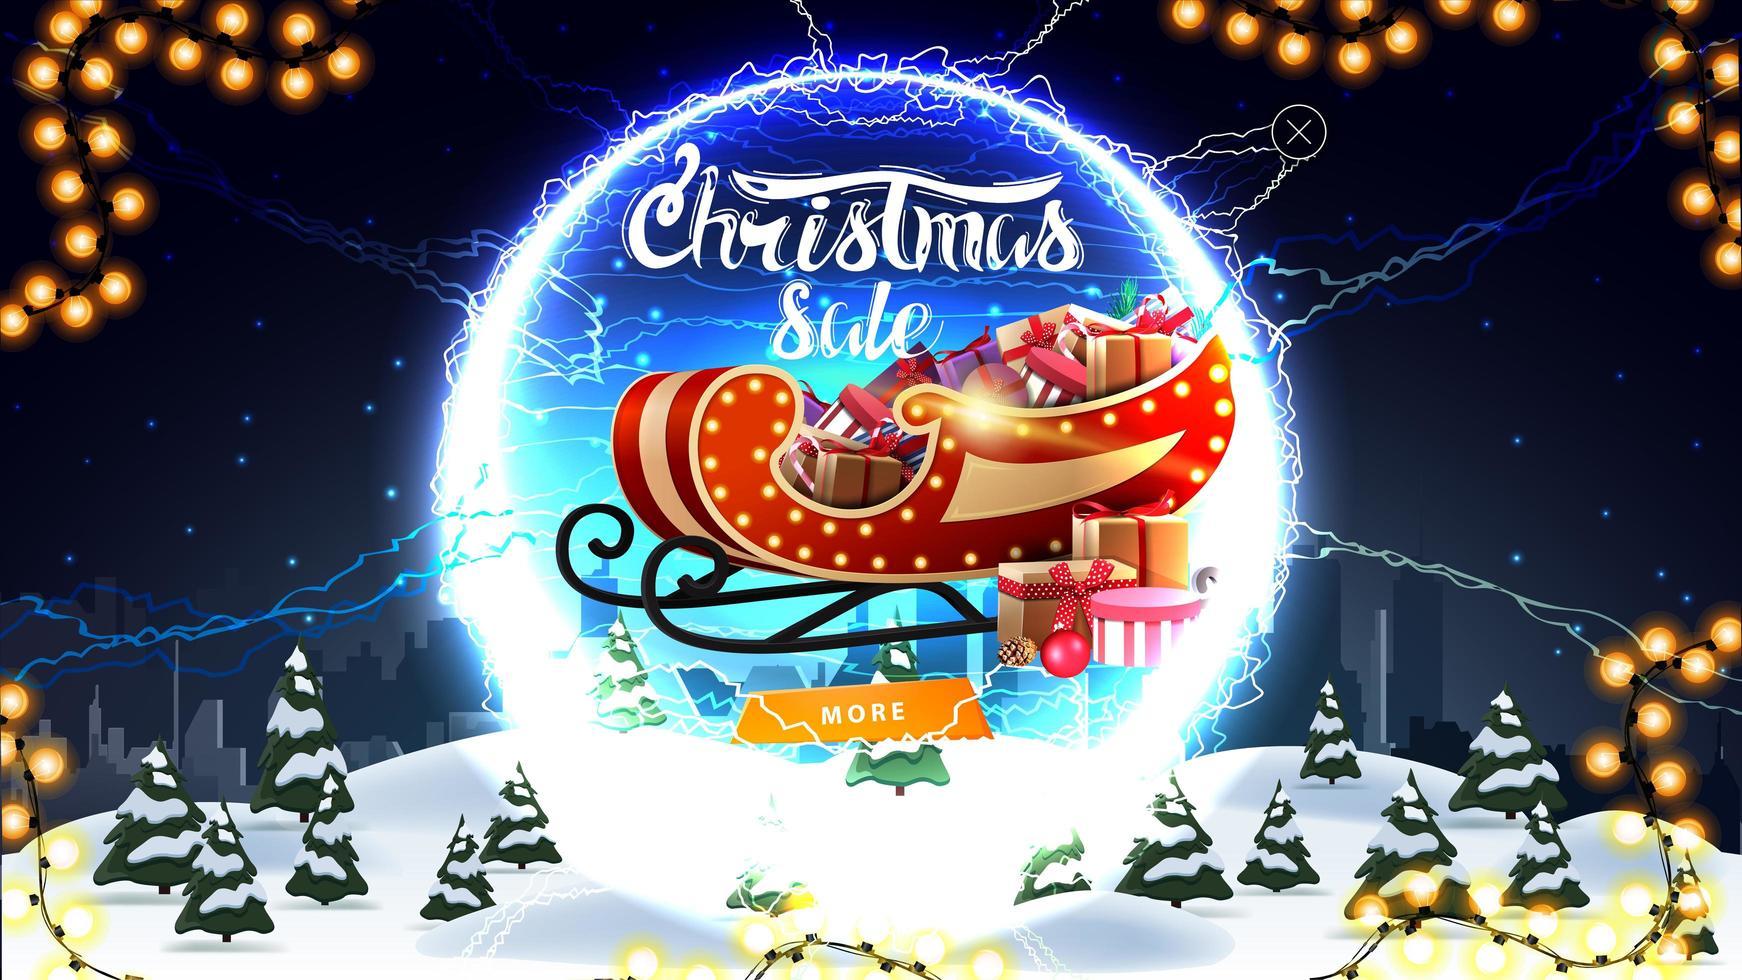 Weihnachtsverkauf, Rabatt Banner mit Winterlandschaft, Sternenhimmel, Knopf, Santa Schlitten mit Geschenken und rundes Portal mit Blitz und Angebot vektor